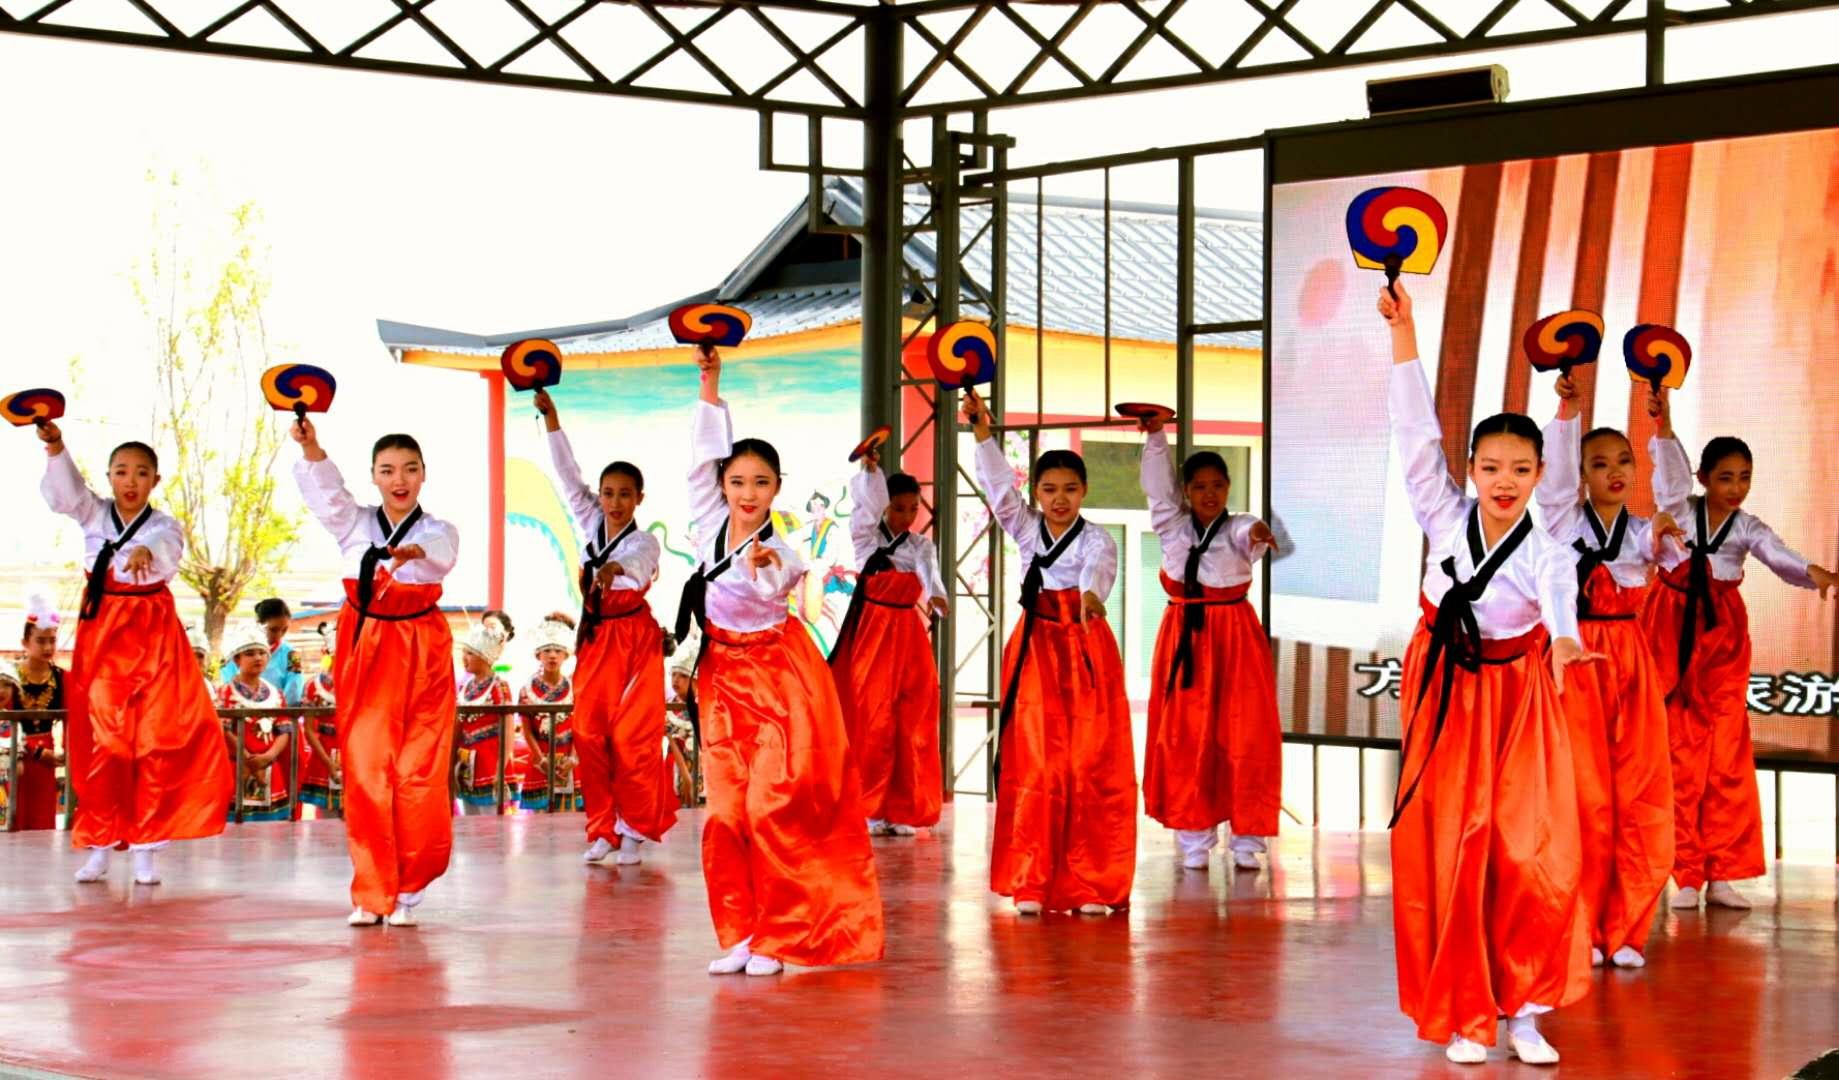 朝鲜民俗舞蹈迎接八方游客